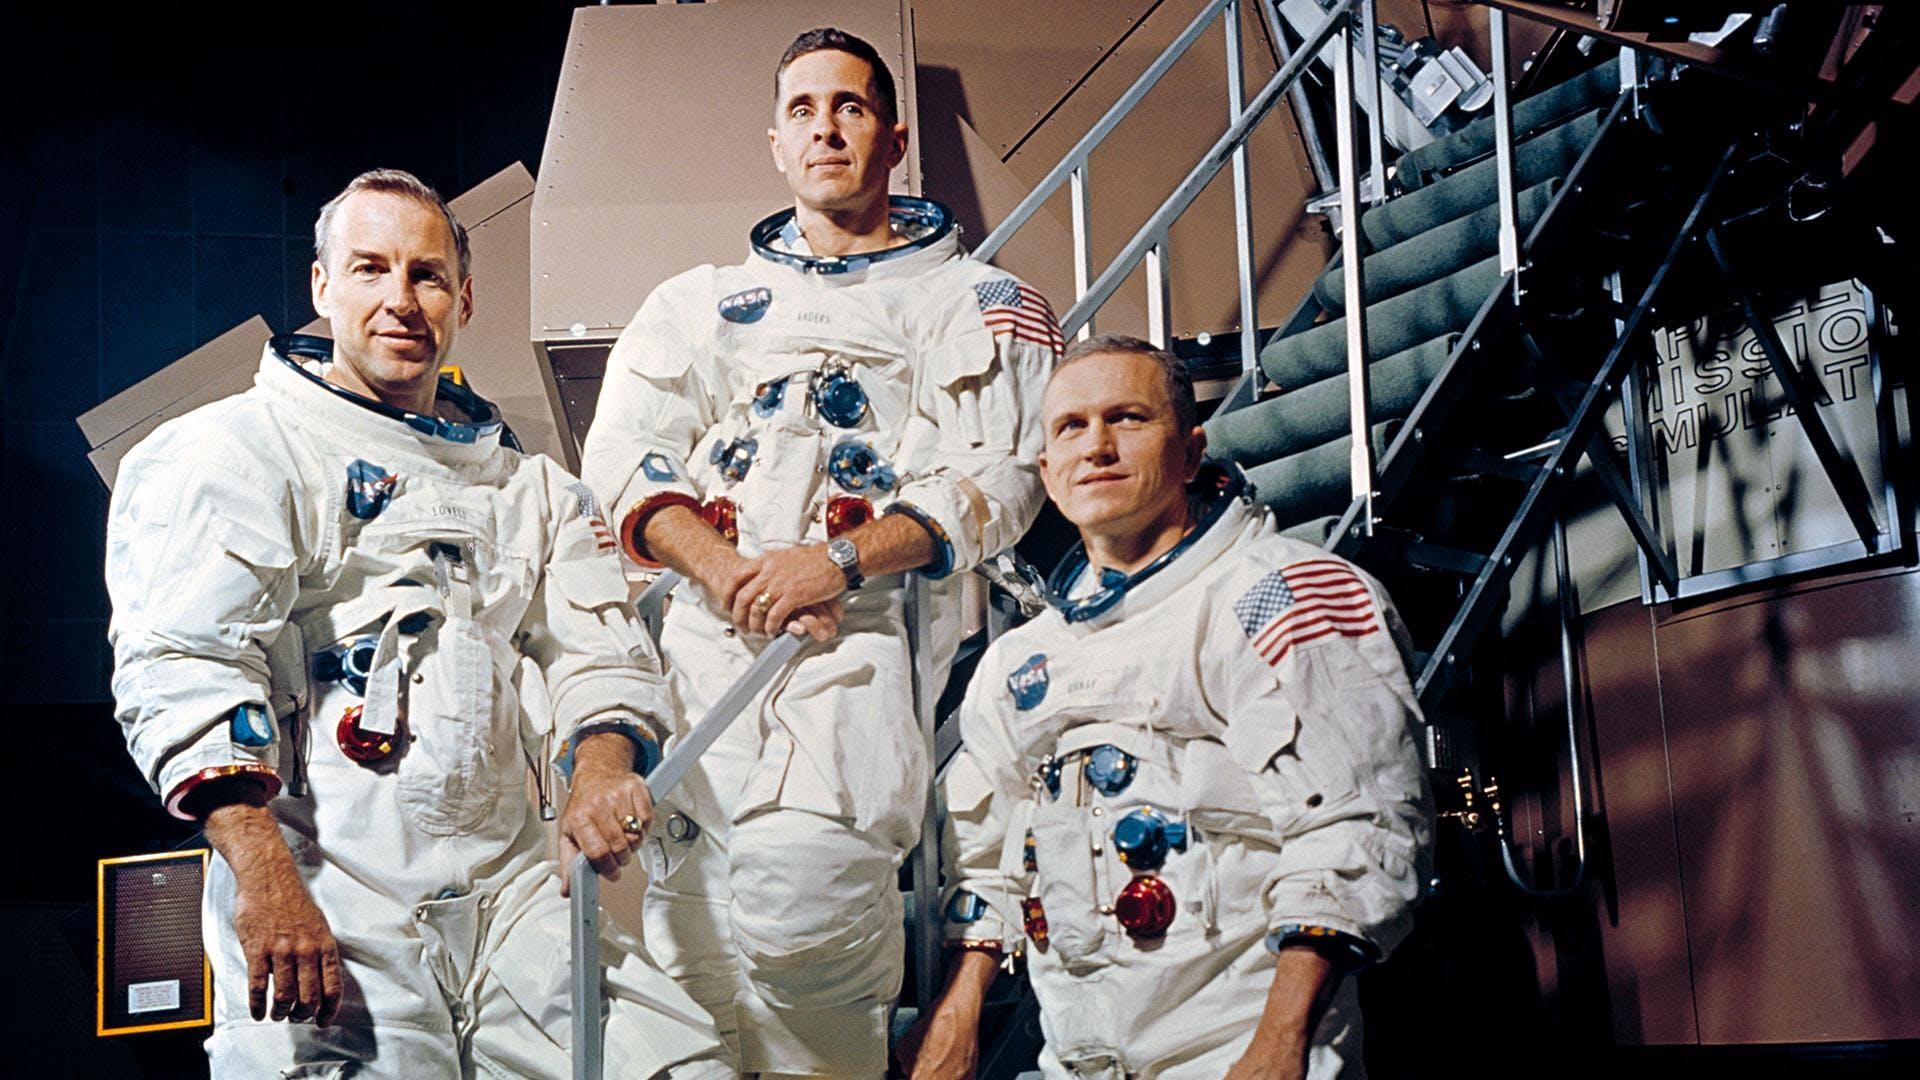 Apollo 8 Mission 50th Anniversary Celebration